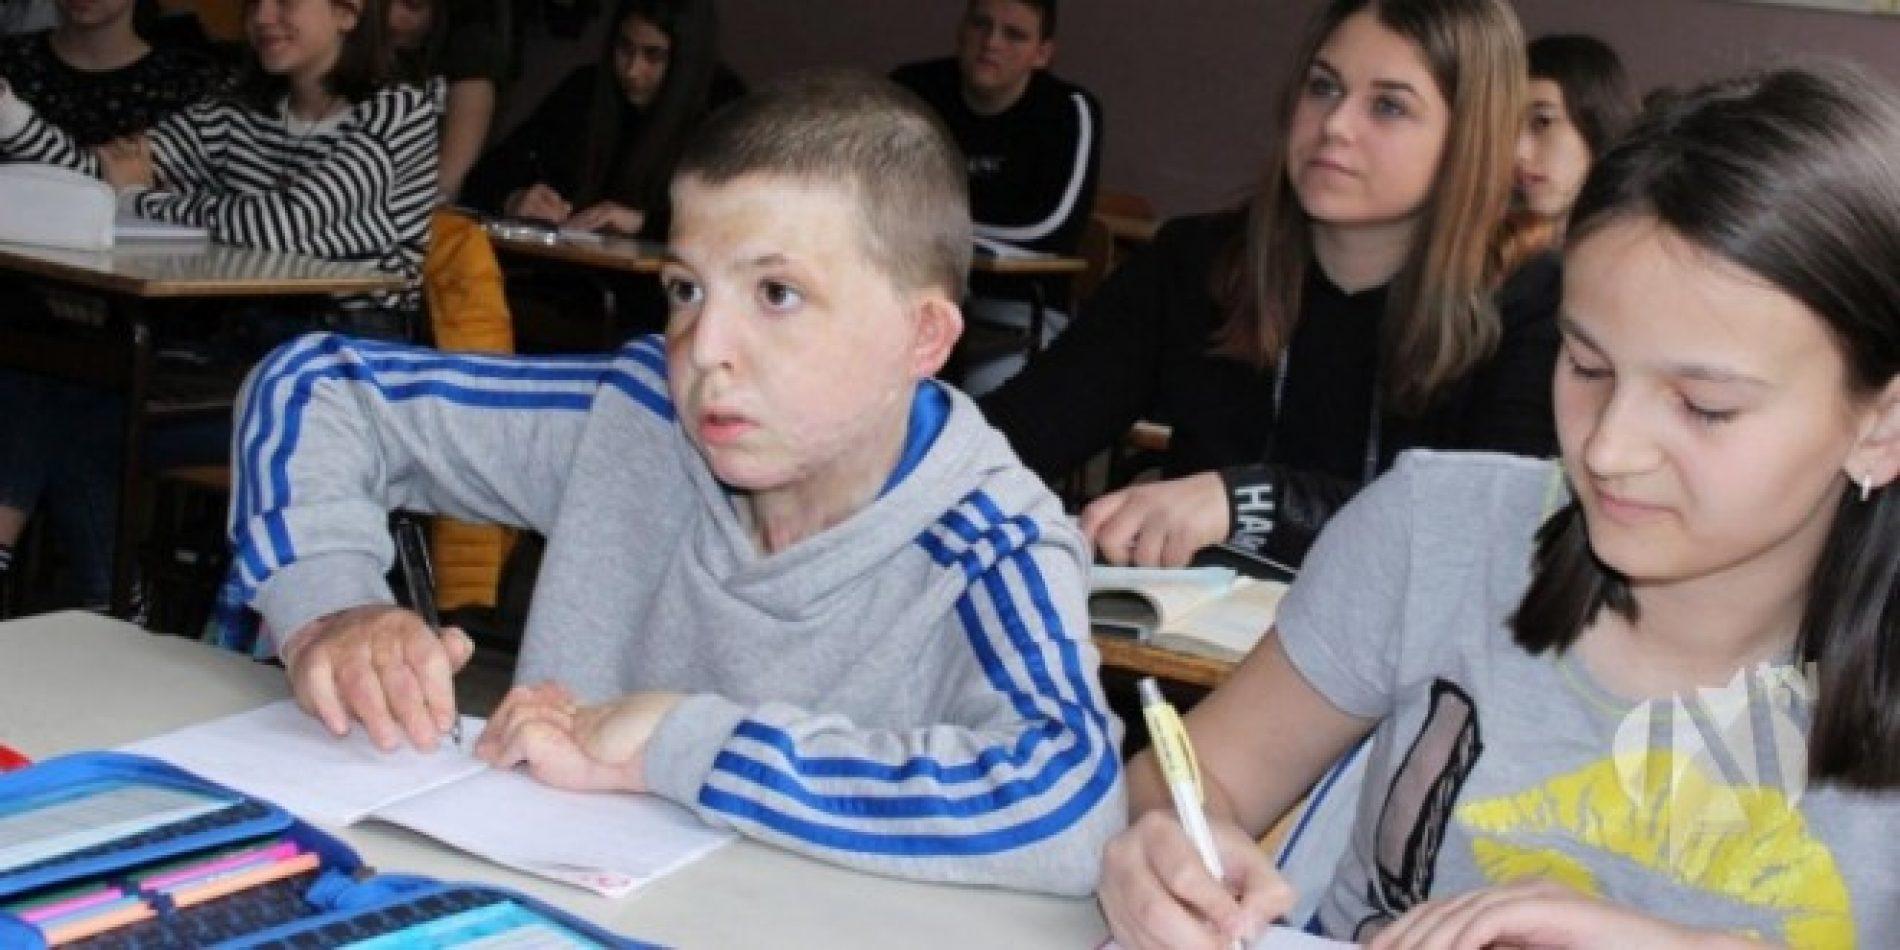 Hrabri dječak koji je dobio bitku za život: Meho Beton se nakon 20 mjeseci vratio u školu